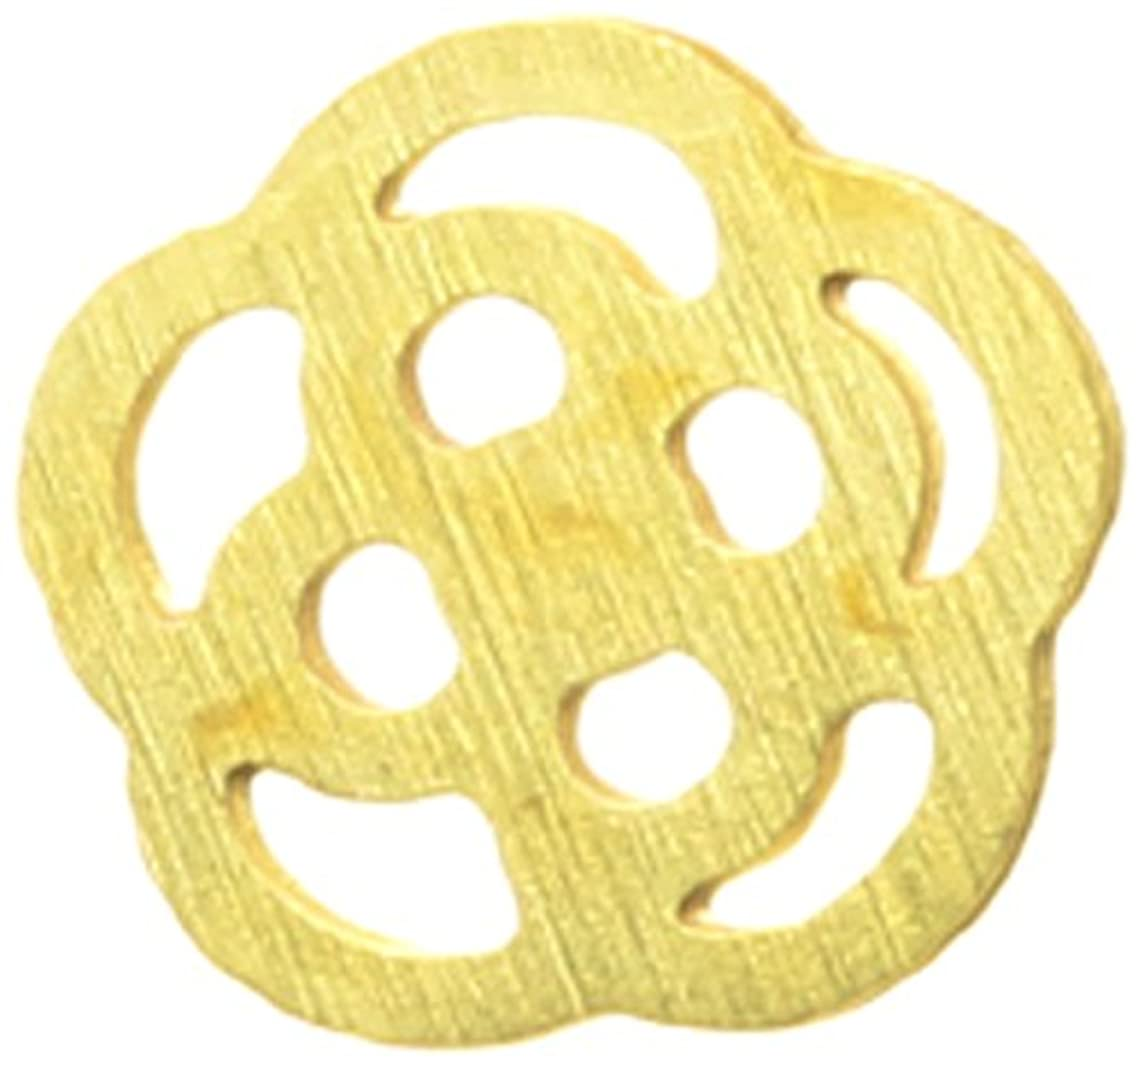 びっくりした建築オーストラリアメタルプレート(ネイルストーン デコ) カメリア(30個入り) ゴールド(ネイル用品)